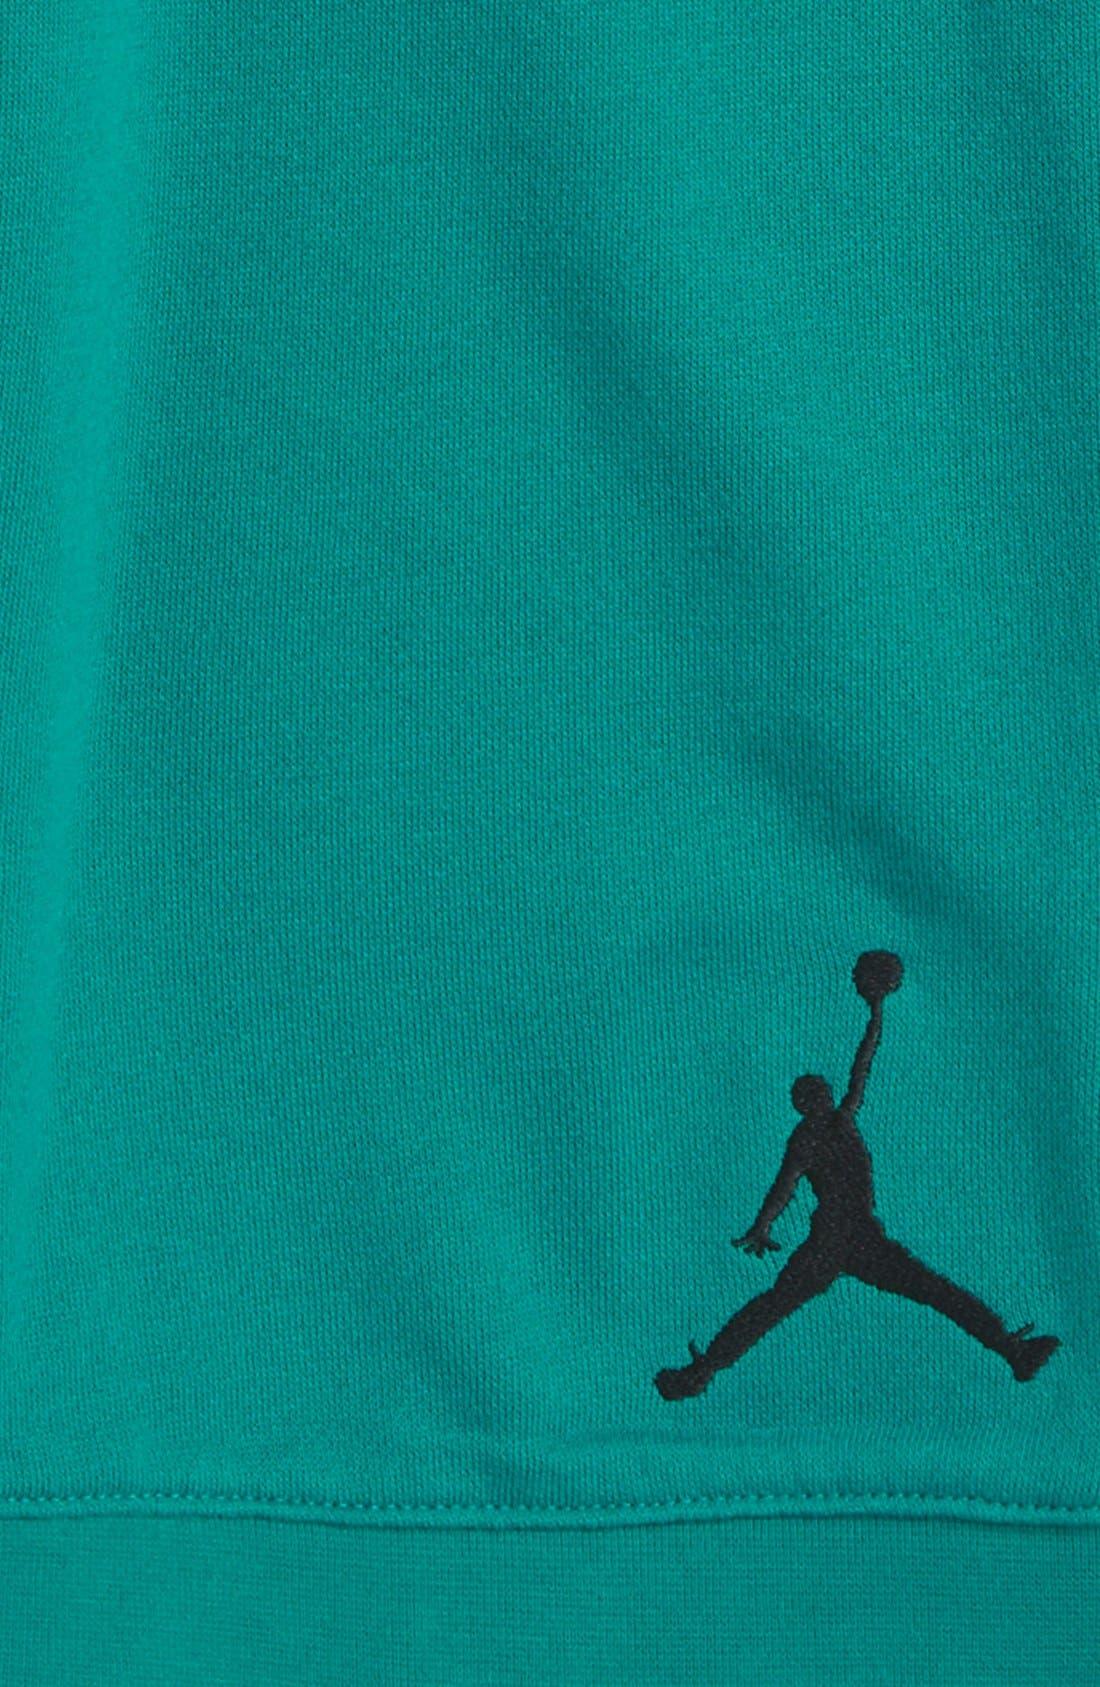 Cotton Blend Shorts,                             Alternate thumbnail 2, color,                             311